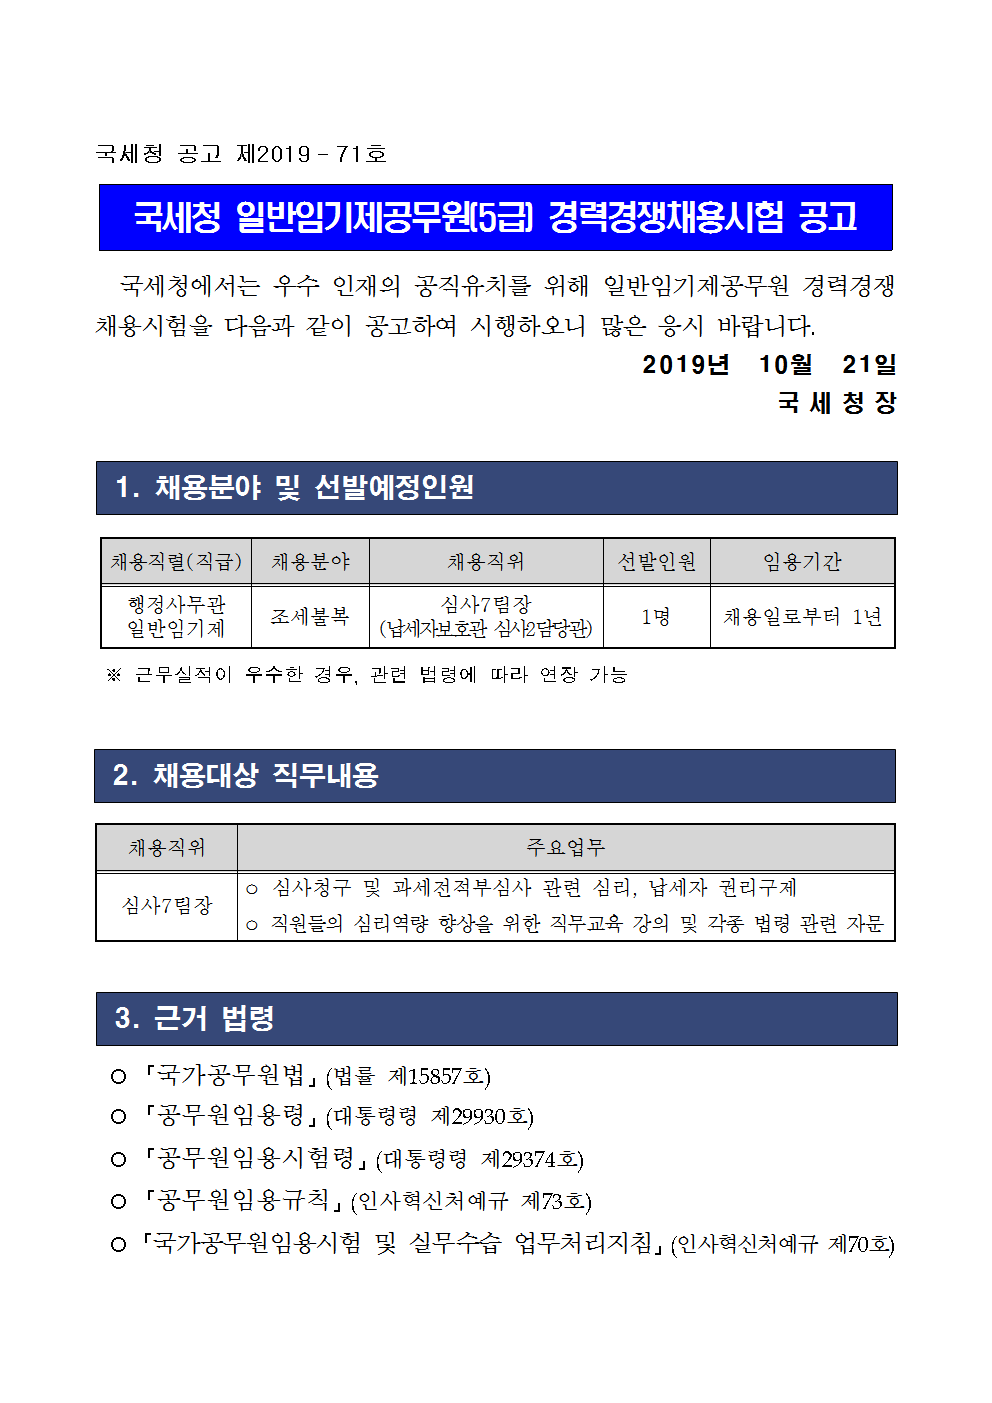 국세청 일반임기제공무원(5급_심사2) 채용 공고문001.png